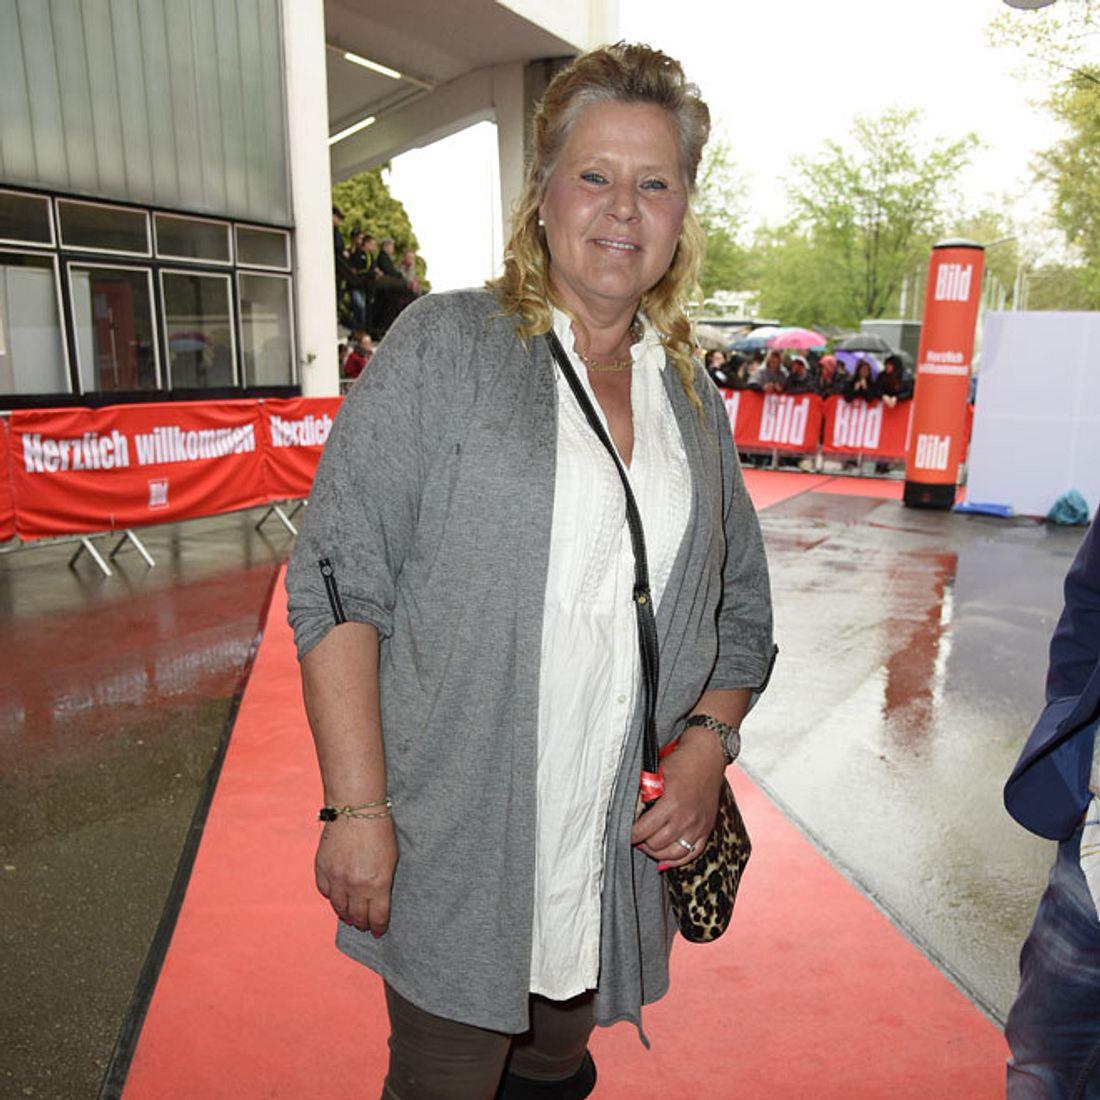 Silvia Wollny: Große Sorge um ihre Gesundheit